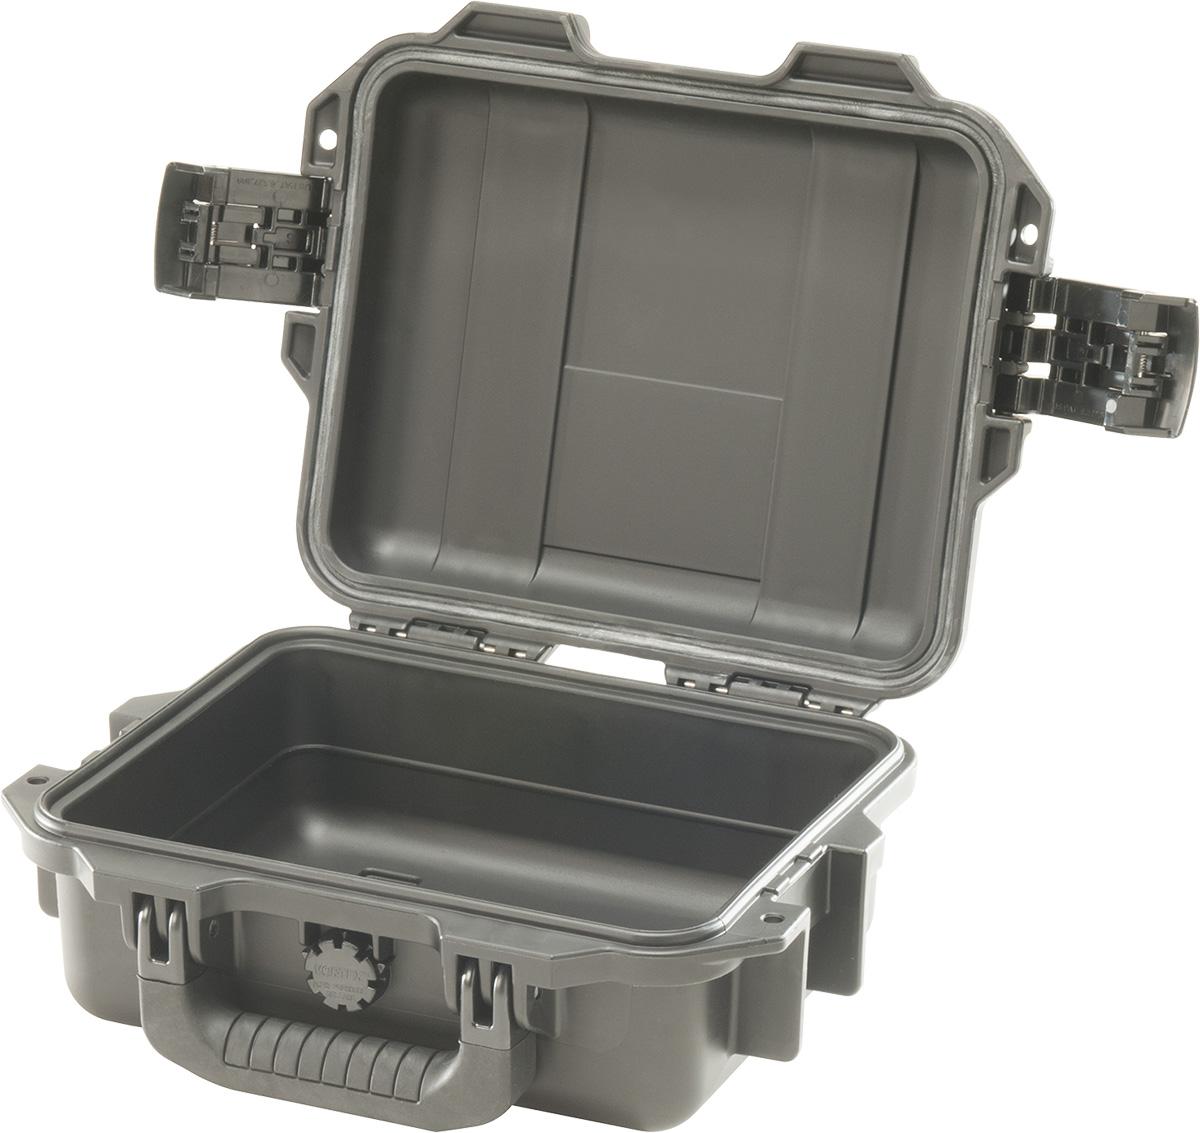 pelican im2050 no foam weapon case